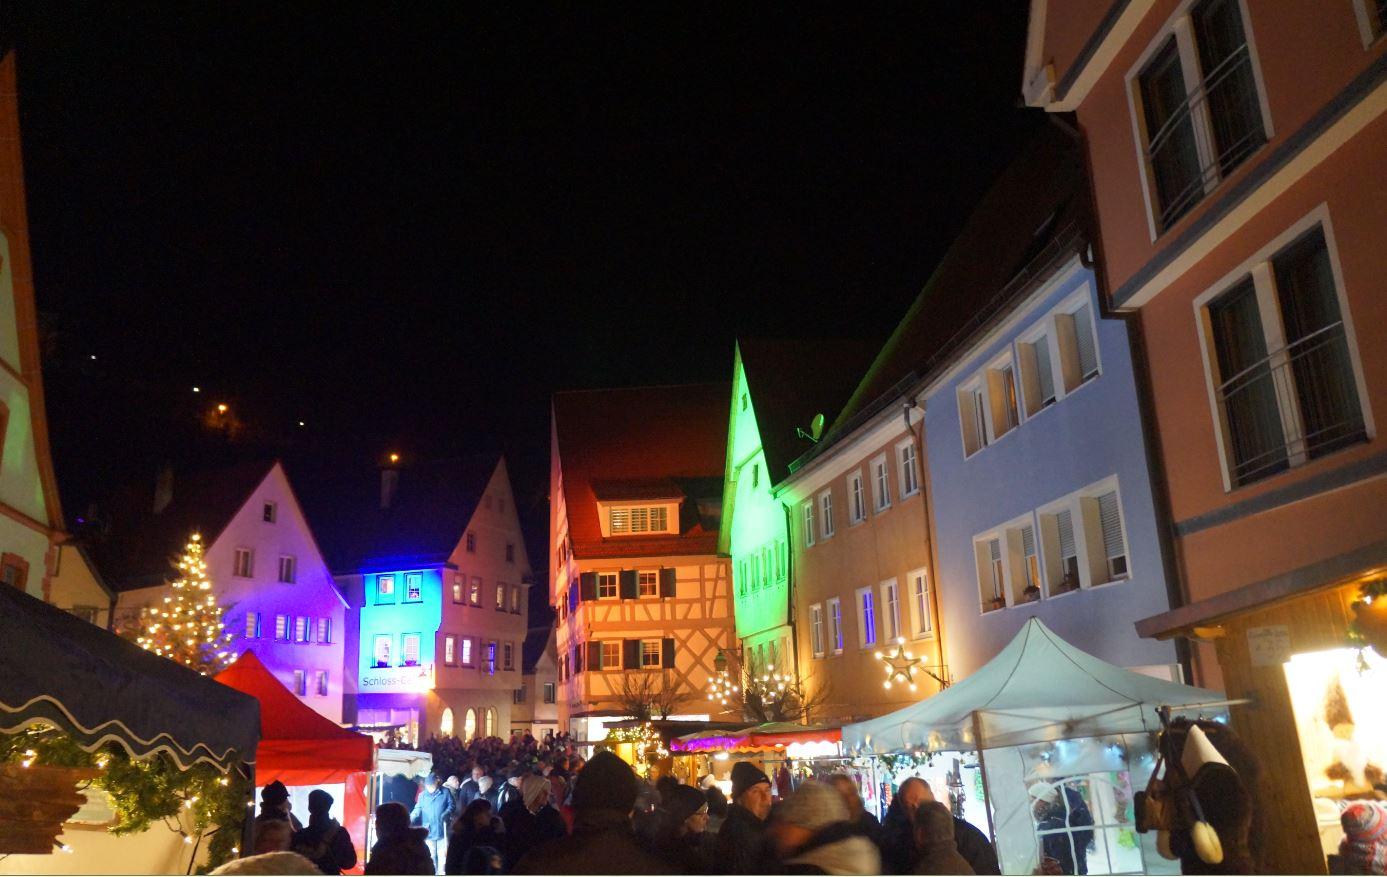 Farbig beleuchtete Häuser in der gut besuchten Unterstadt bei Nacht